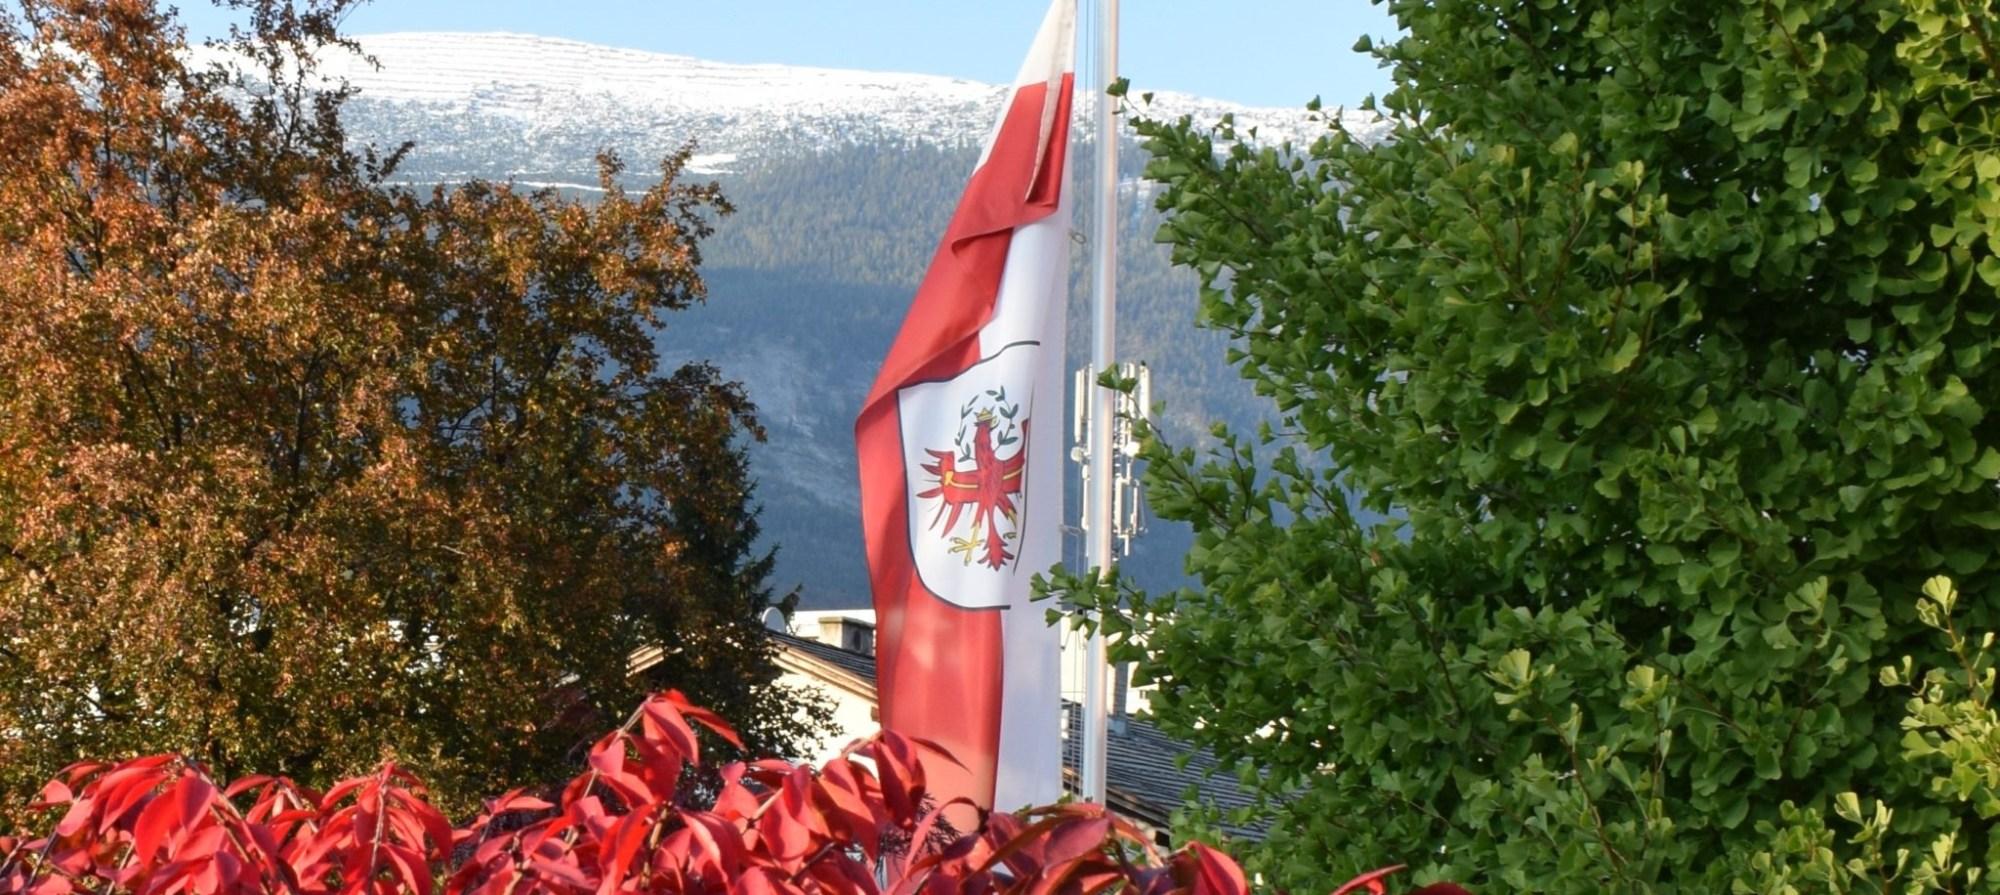 fin in tirol guest blog banner